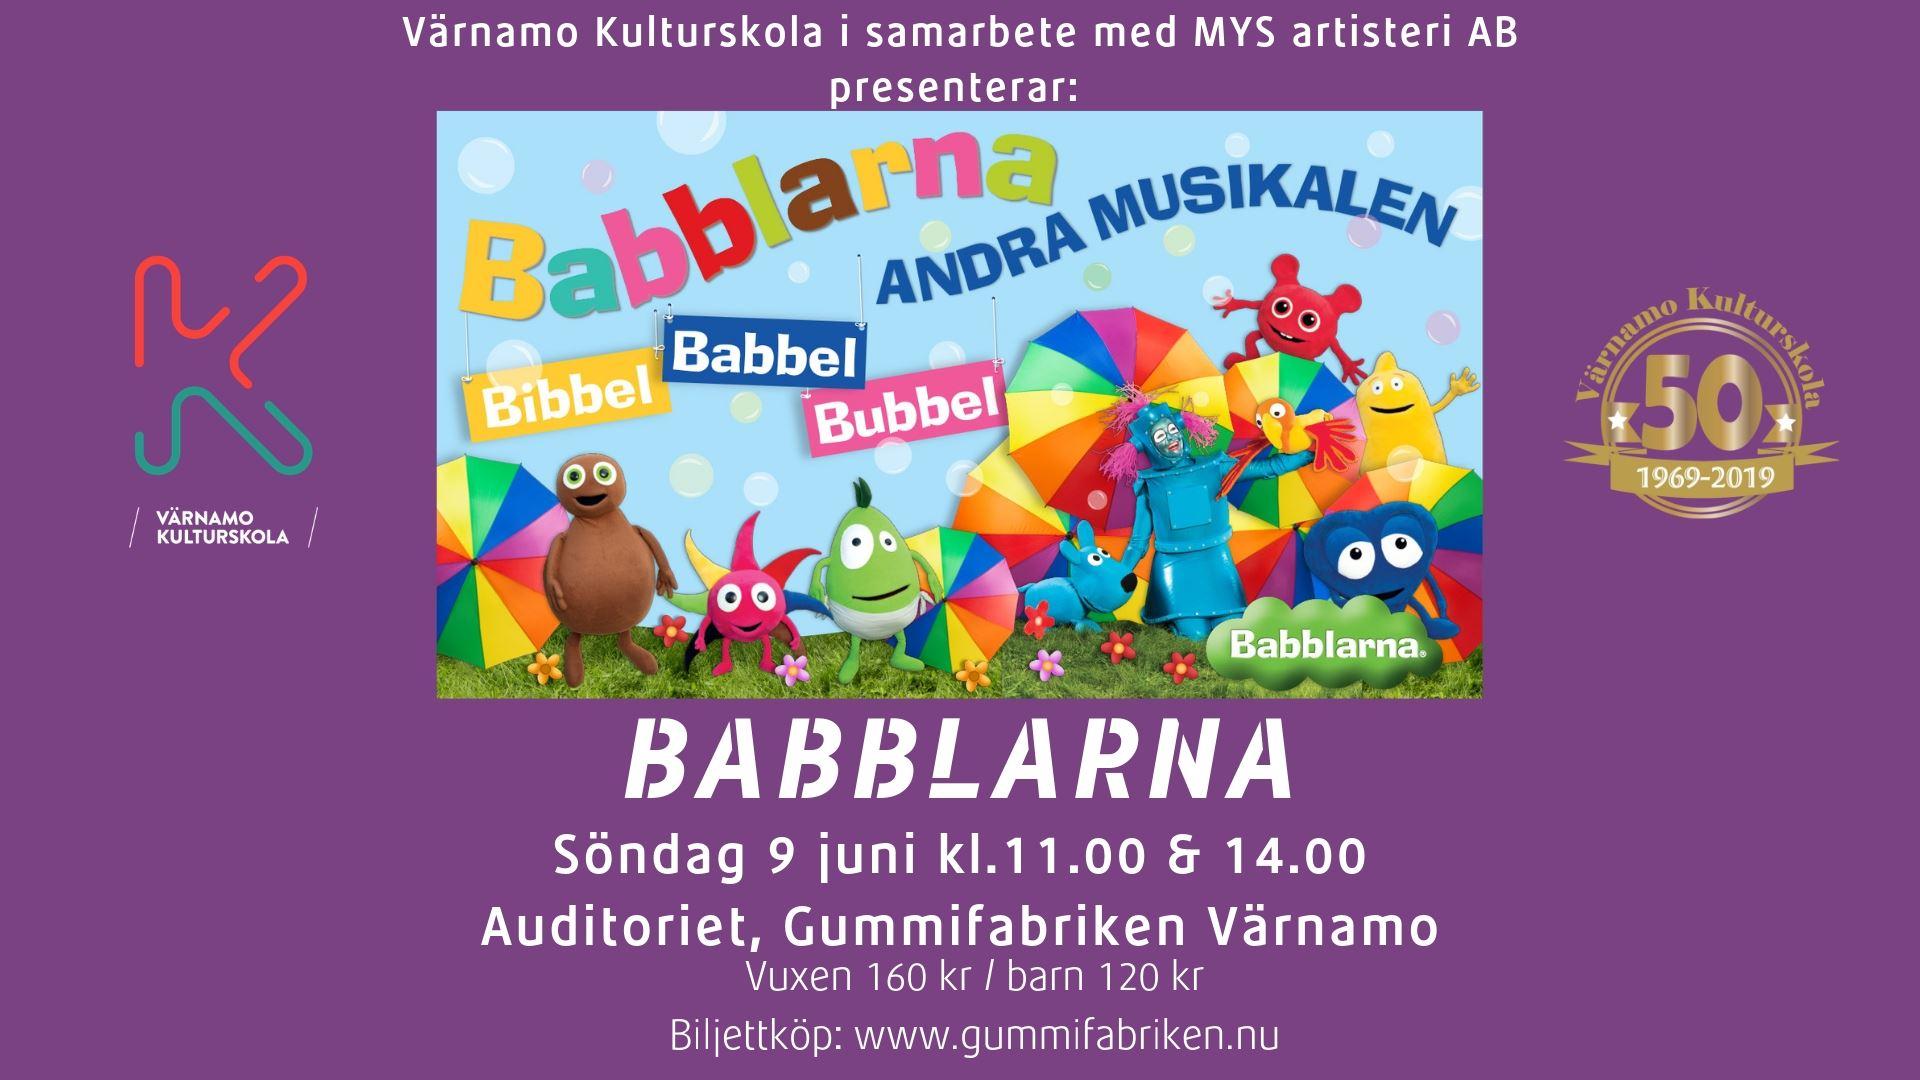 BABBLARNA - ANDRA MUSIKALEN